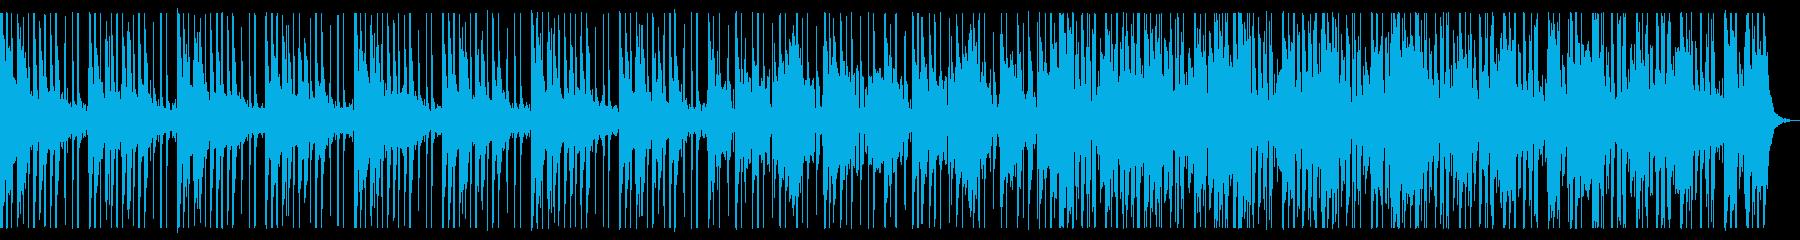 シティポップトラック_No623_2の再生済みの波形